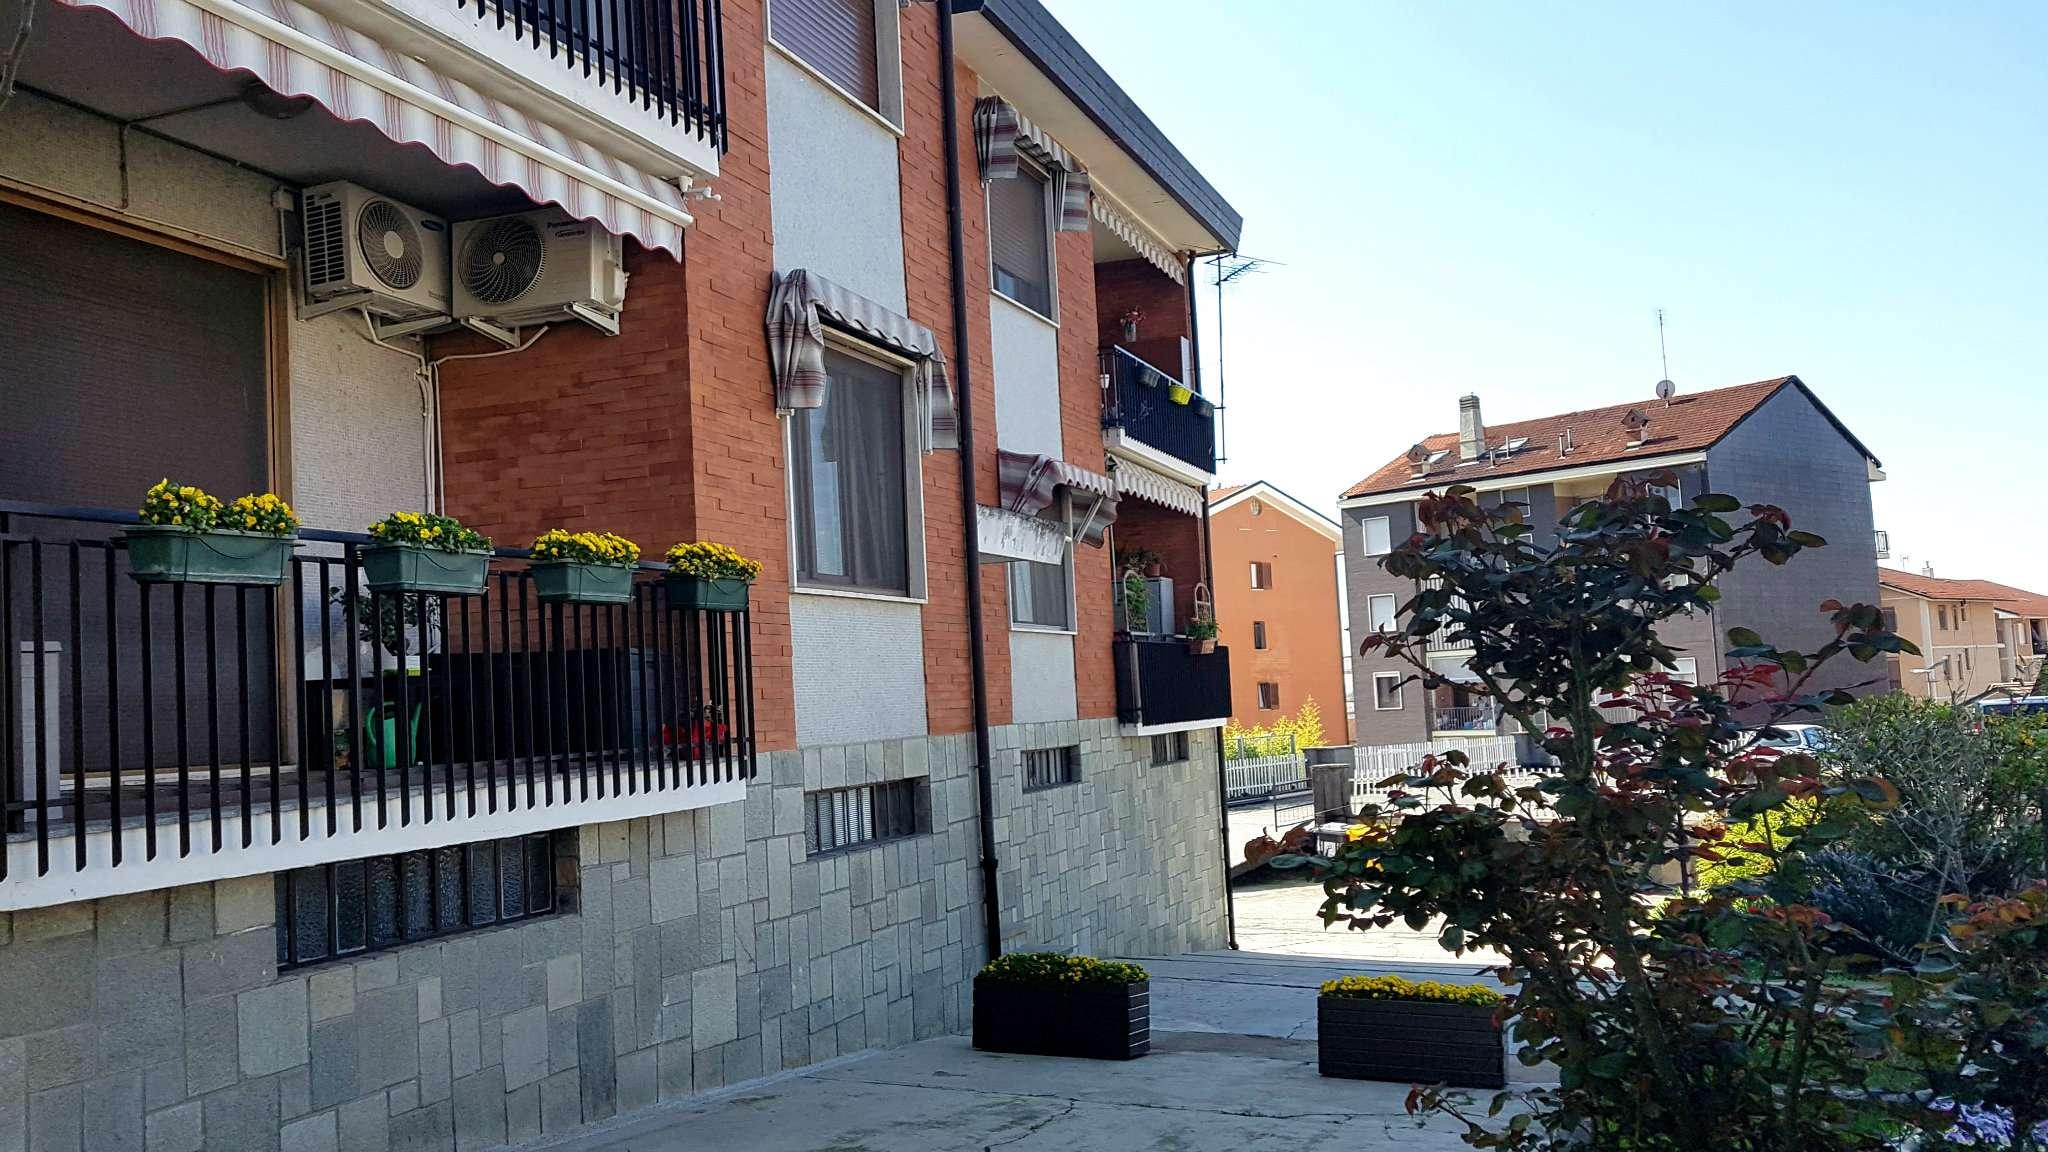 Appartamento in vendita a Trofarello, 2 locali, prezzo € 84.000 | CambioCasa.it